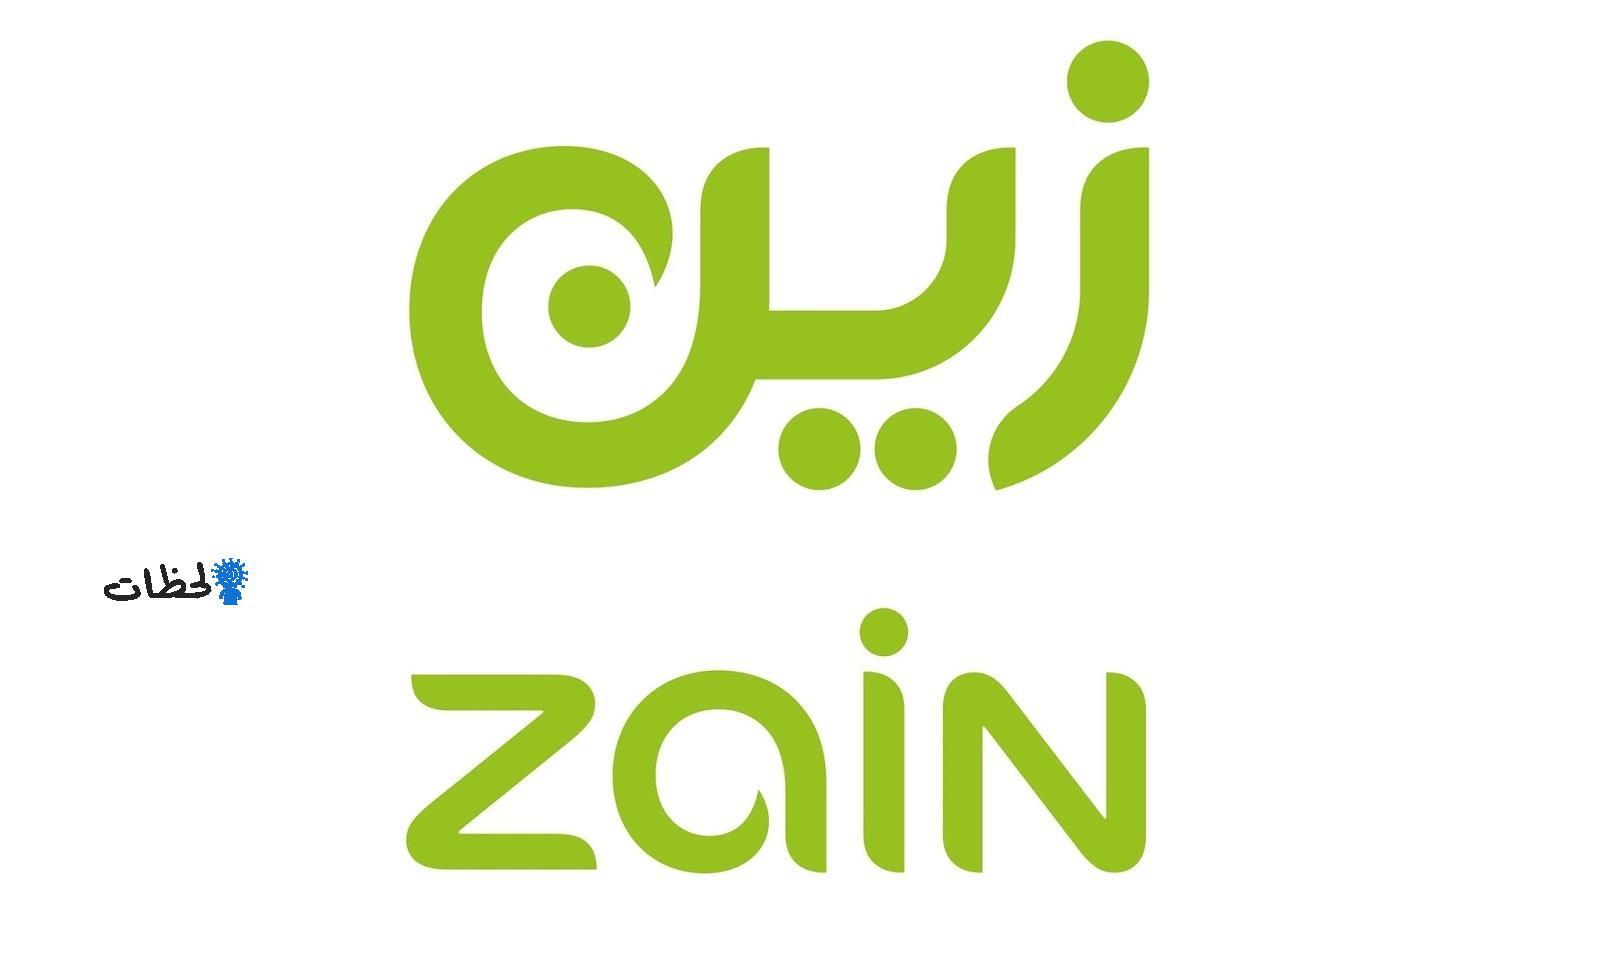 كيفية معرفة رصيد زين السعودية و الاردن – خدمات شركة زين